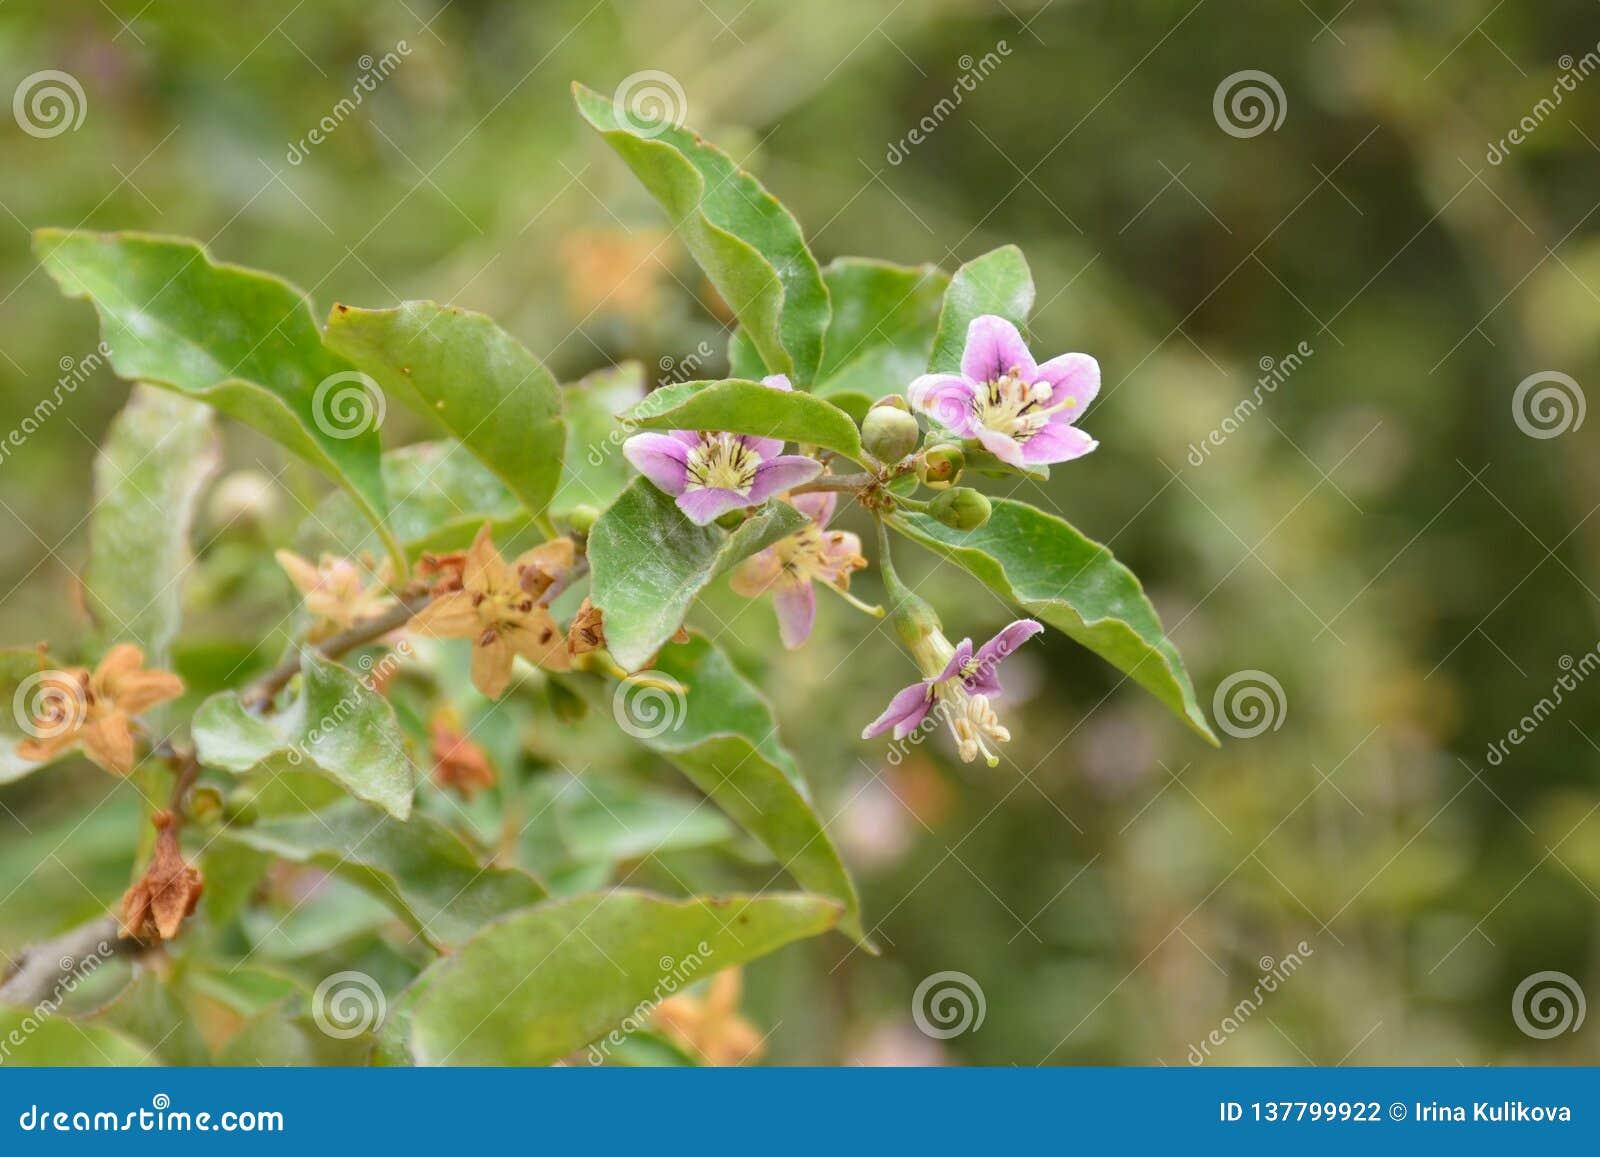 Pequeñas flores rosas claras en una rama de un arbusto en un fondo verde borroso en primavera